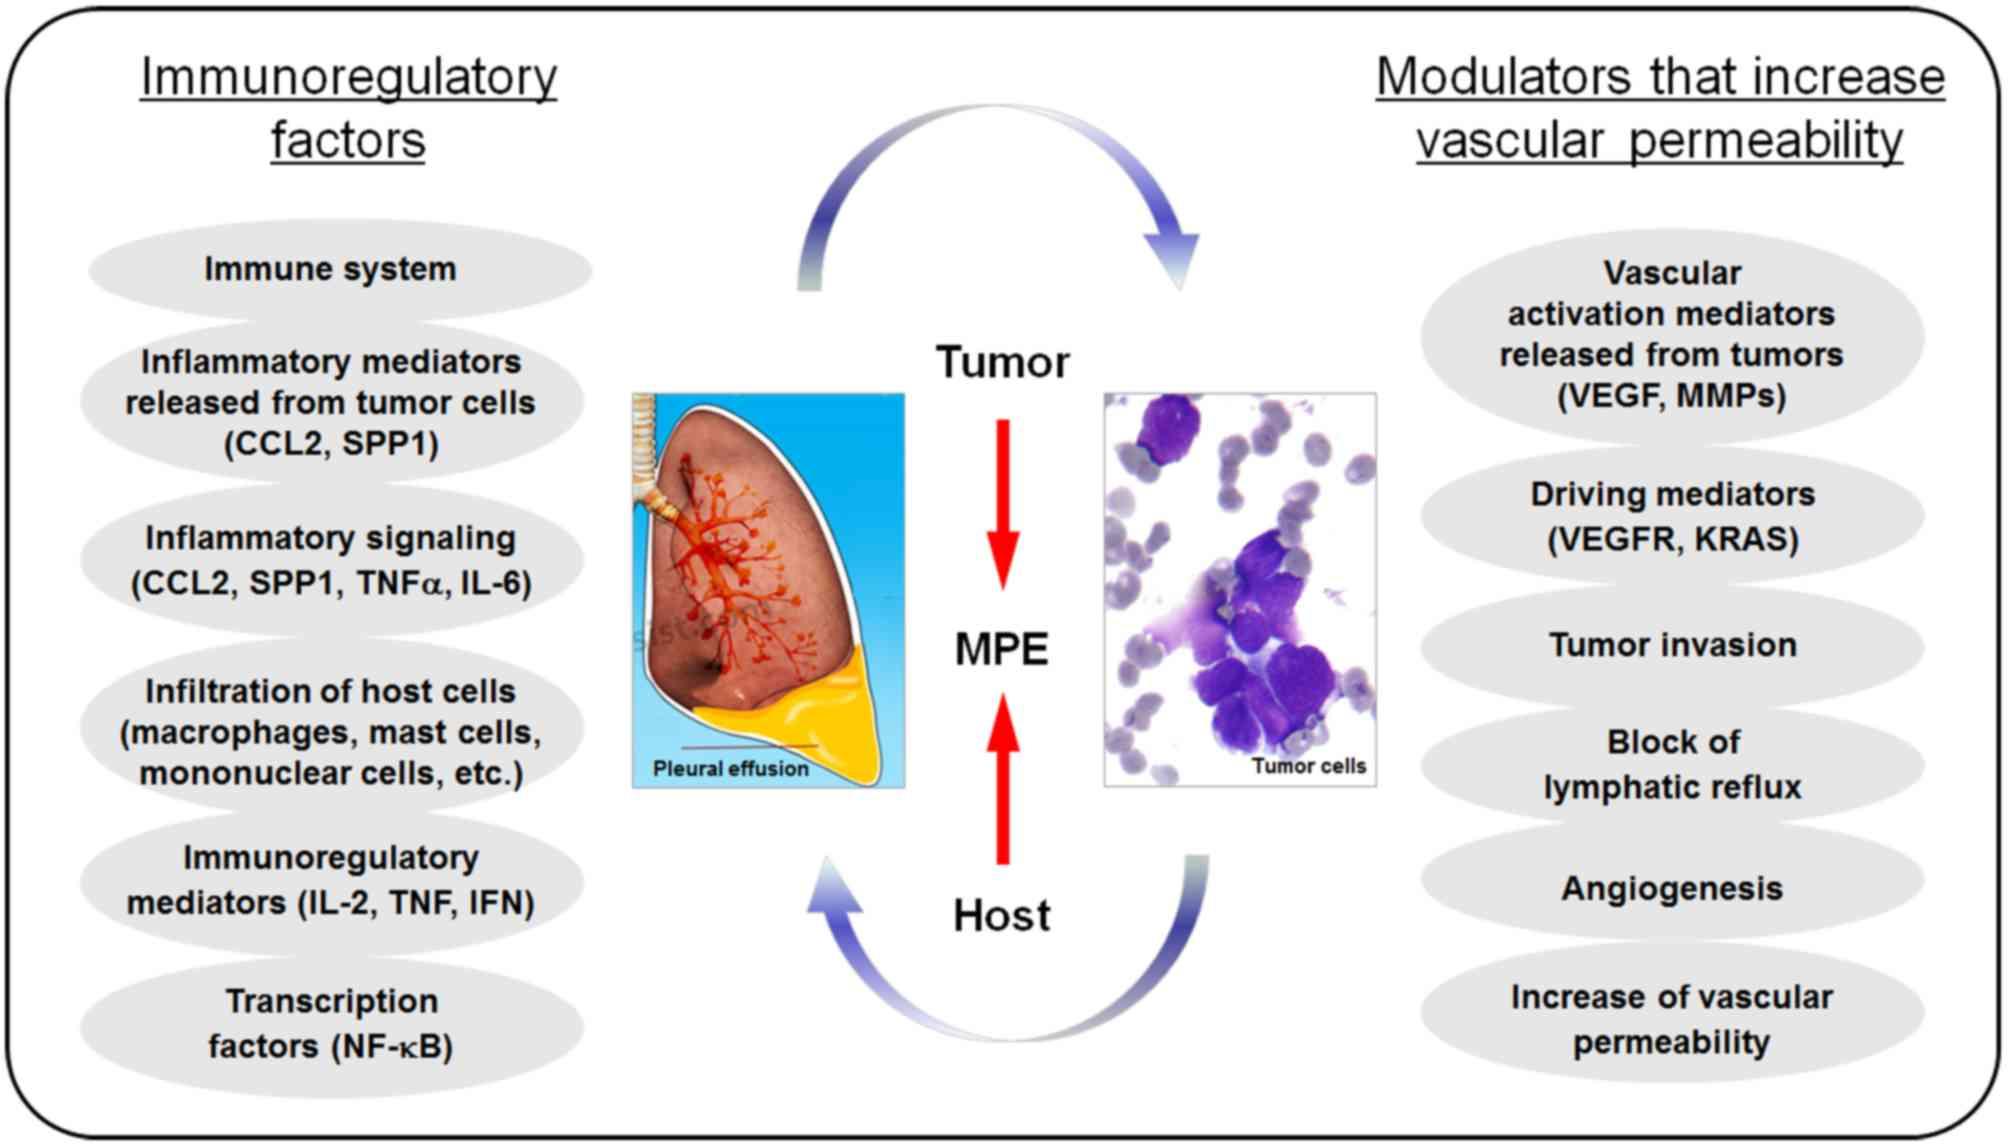 Sindrom Deimons Meigs - Peritoneal cancer pleural effusion